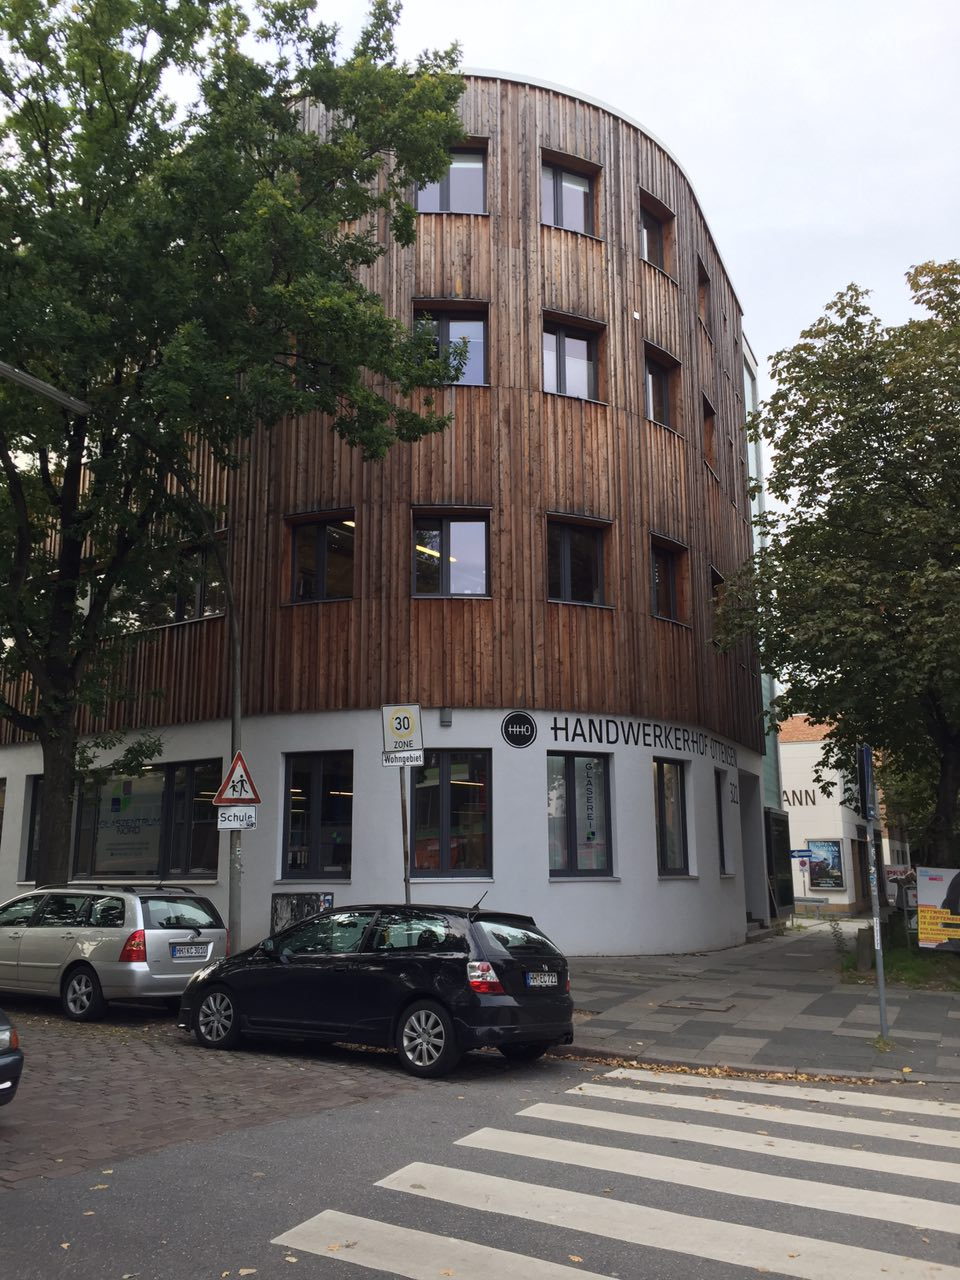 Full Size of Handwerkerhof Ottensen Gewerbefläche Mieten Hamburg Lagerfläche Bett Kaufen Betten Garten Und Landschaftsbau Regale Küche Gewerbefläche Mieten Hamburg